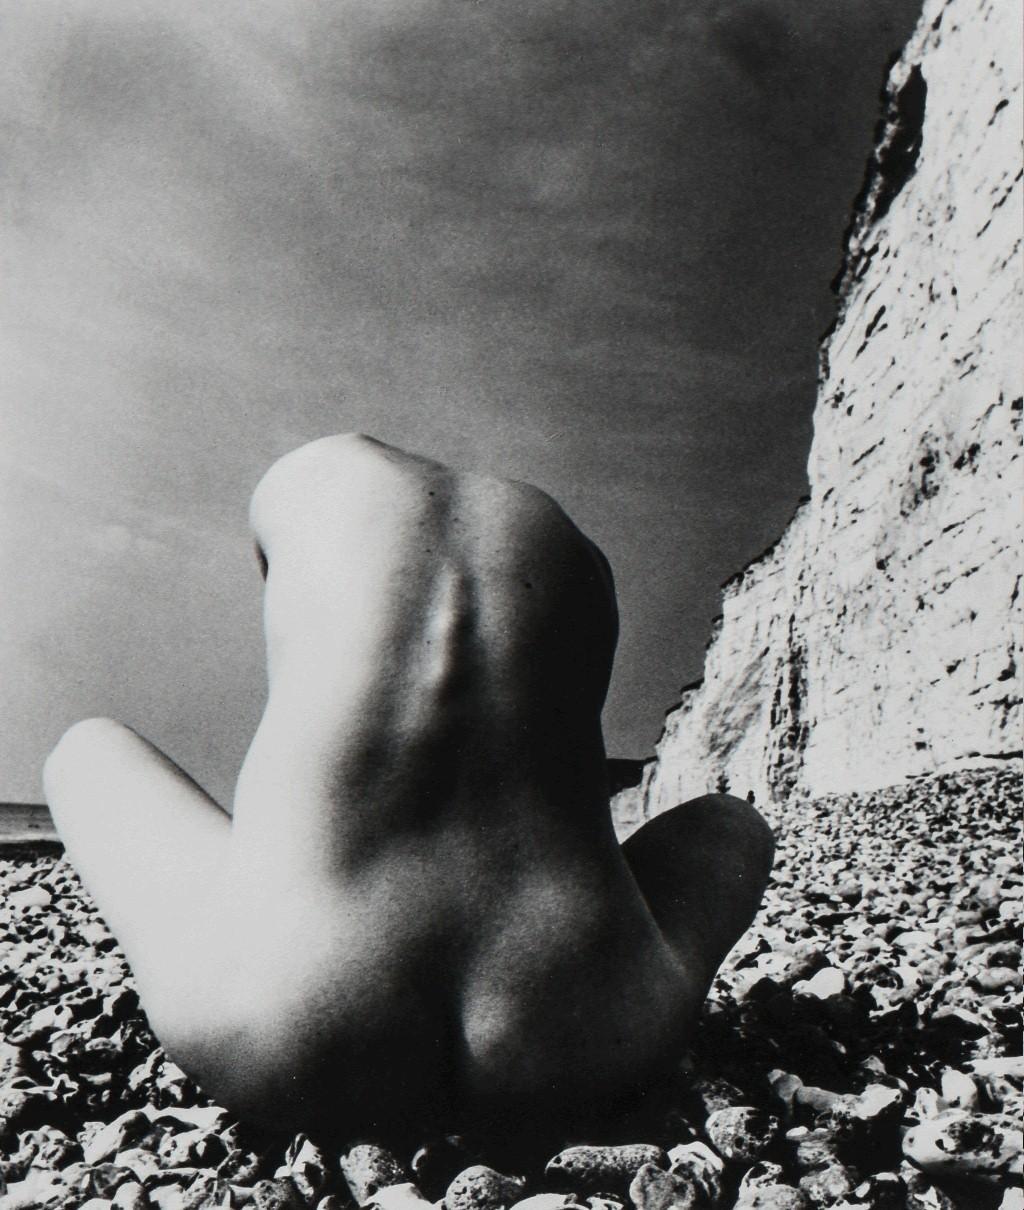 Обнаженная, Восточный Сассекс, 1977. Фотограф Билл Брандт